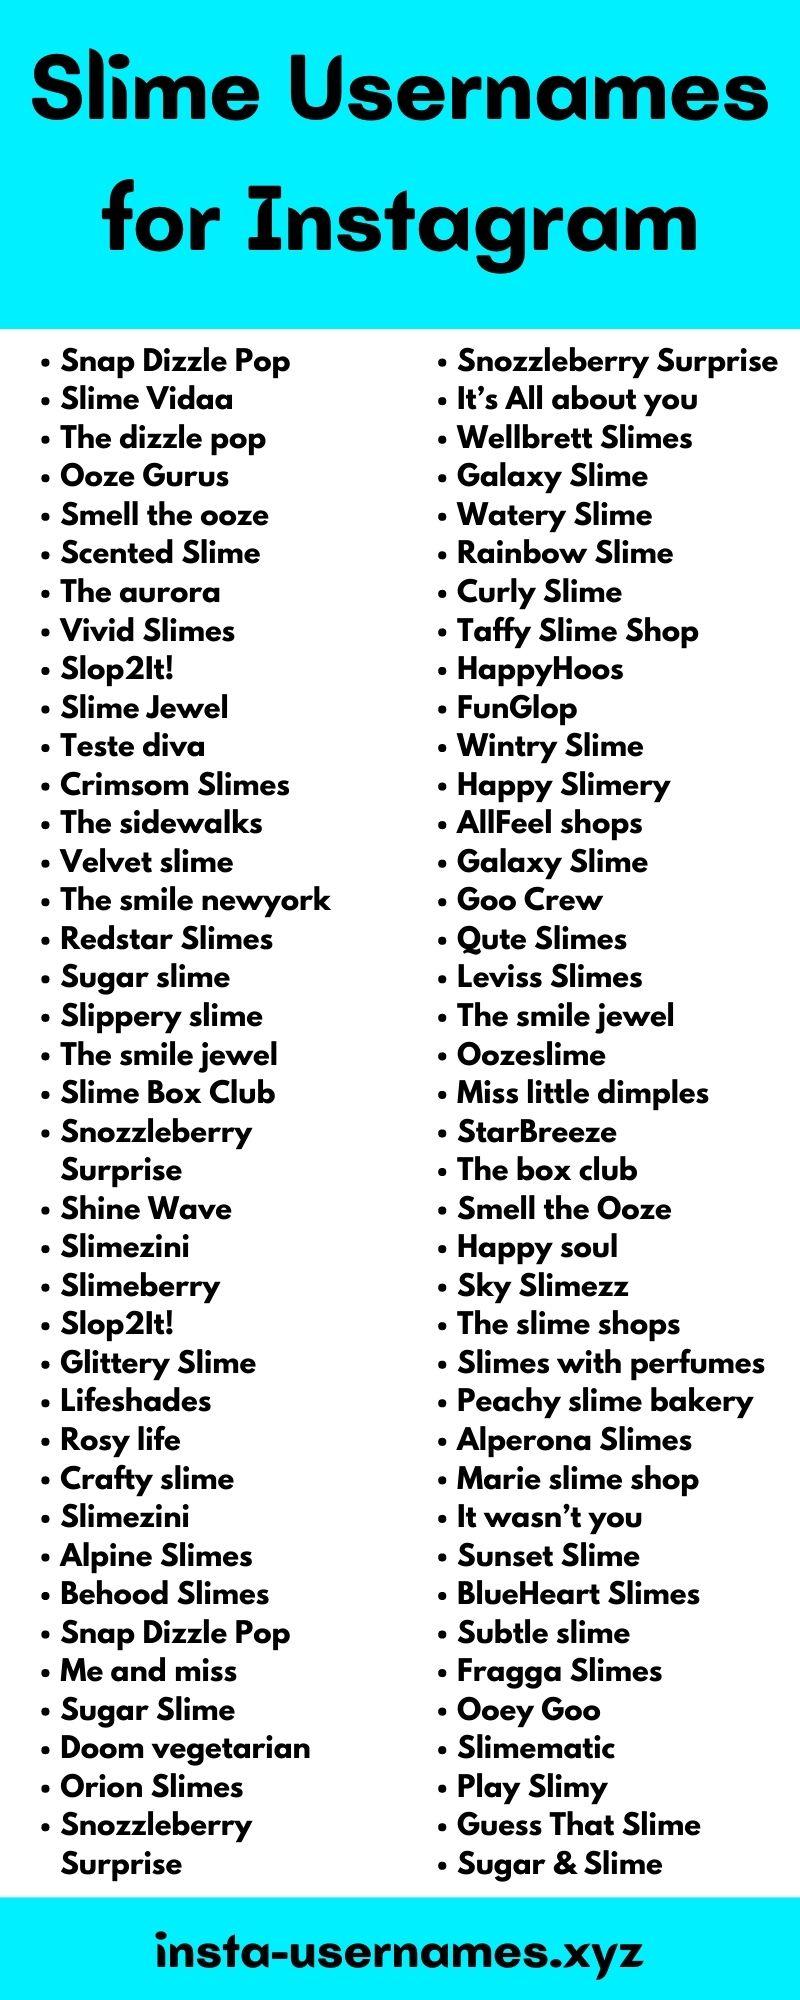 Slime Usernames for Instagram